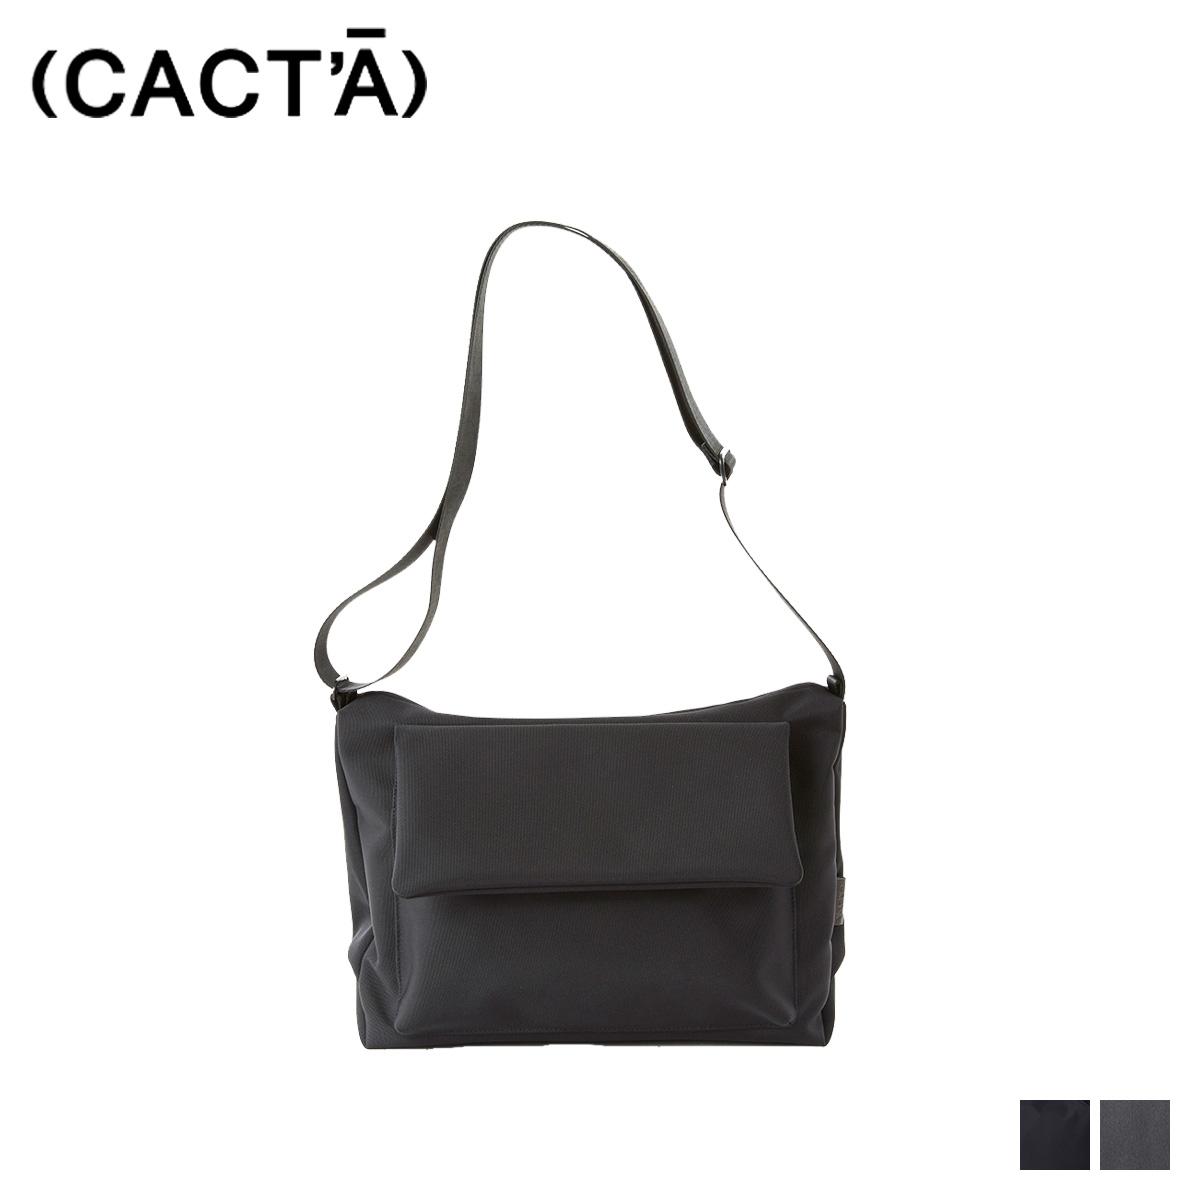 送料無料 受賞店 あす楽対応 人気上昇中 カクタ CACTA ショルダーバッグ カバン 鞄 バッグ メンズ ブラック グレー 1008 HOLIDAY レディース SHOULDER 黒 FLAP COLON